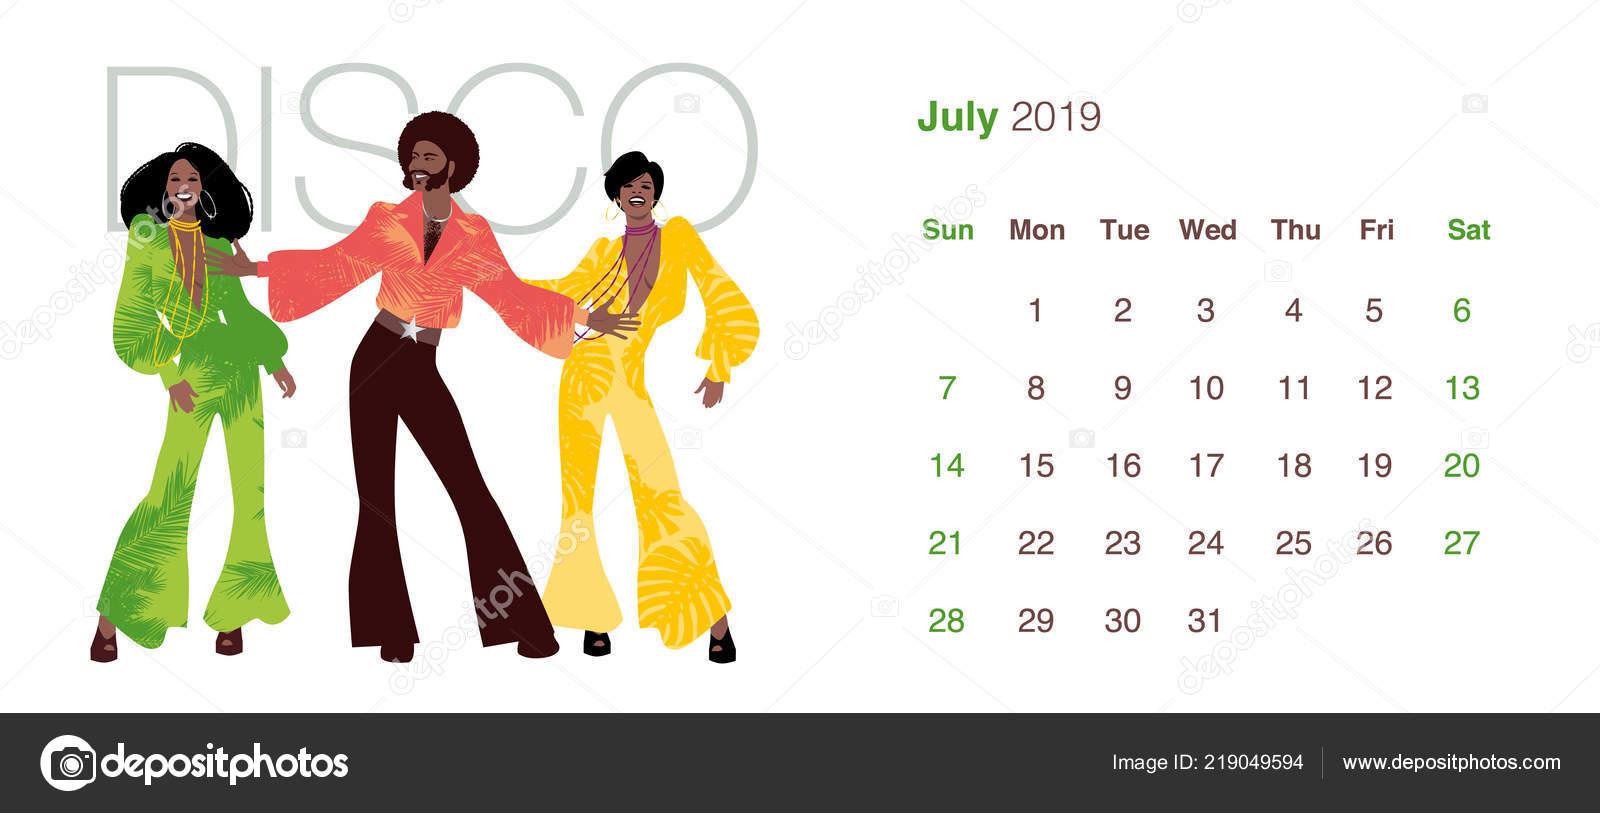 bf321754e 2019 Tanec Kalendář Červenec Muž Dvě Ženy Které Nosí Oblečení ...